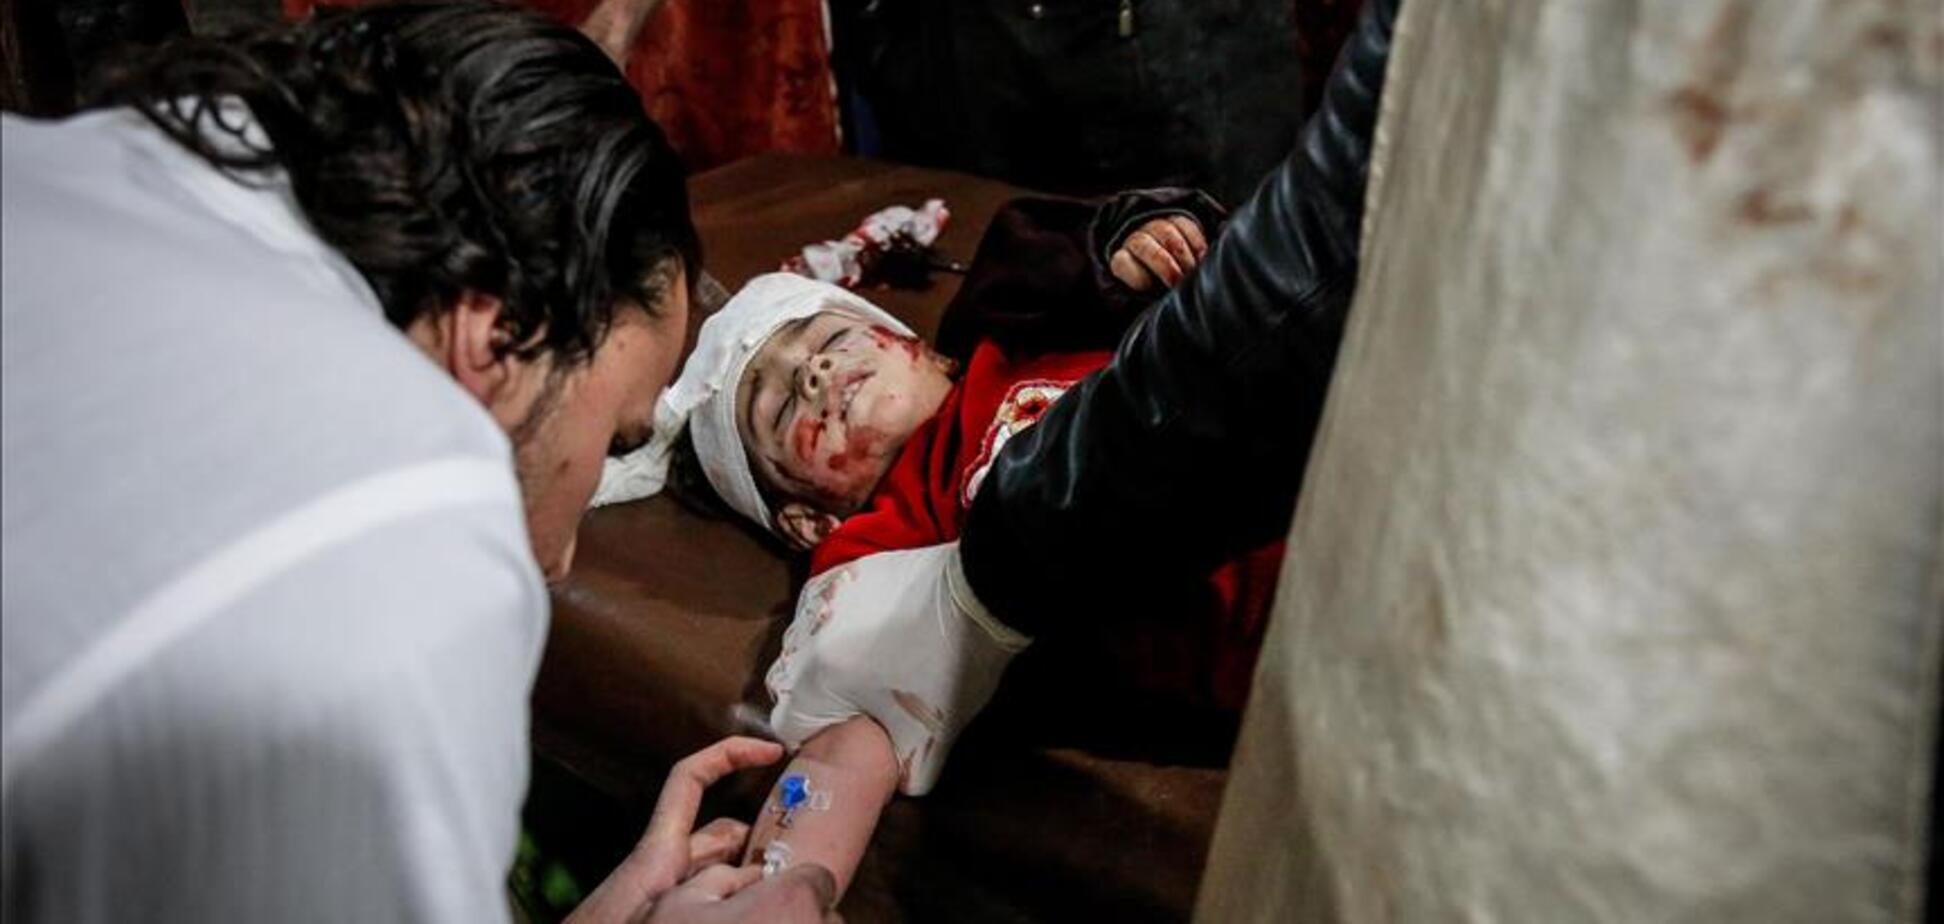 Самолеты Путина ударили фосфорными бомбами по Сирии: десятки жертв. Опубликовано видео